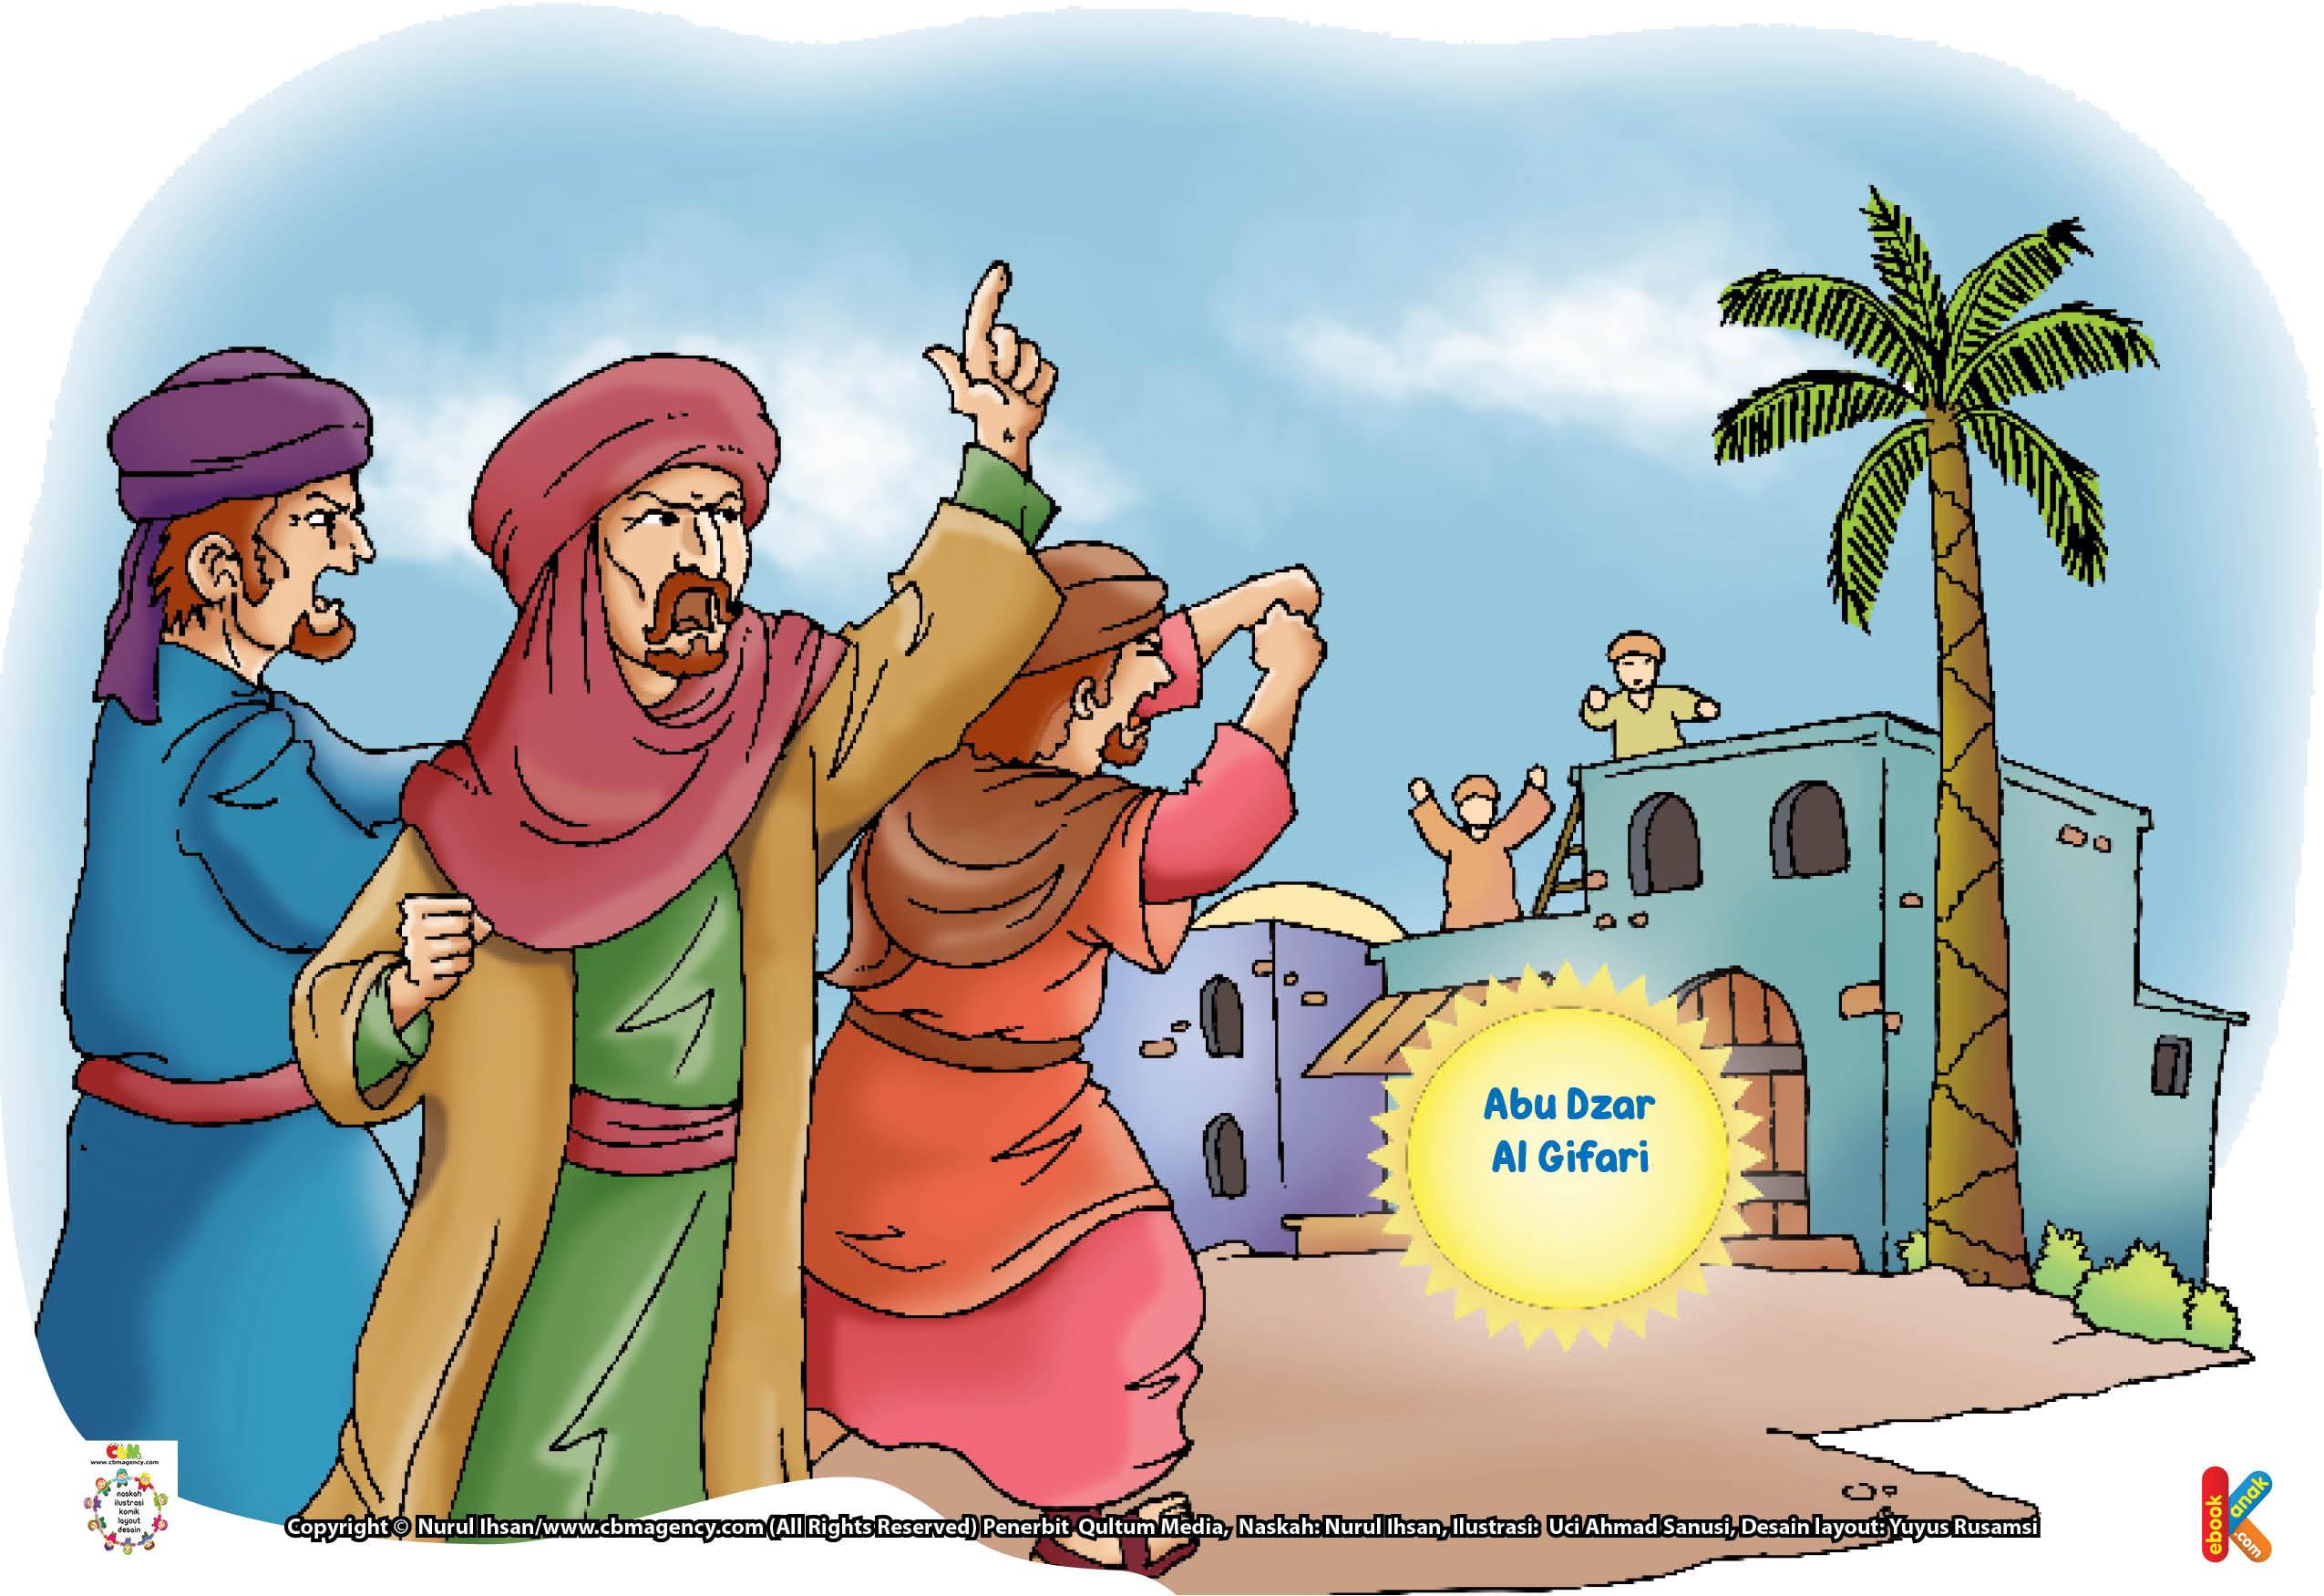 Abu Dzar Al Gifari berasal dari suku Ghiffar, sebuah suku yang dikenal sebagai suku penyamun atau perampok pada masa sebelum datangnya Islam.